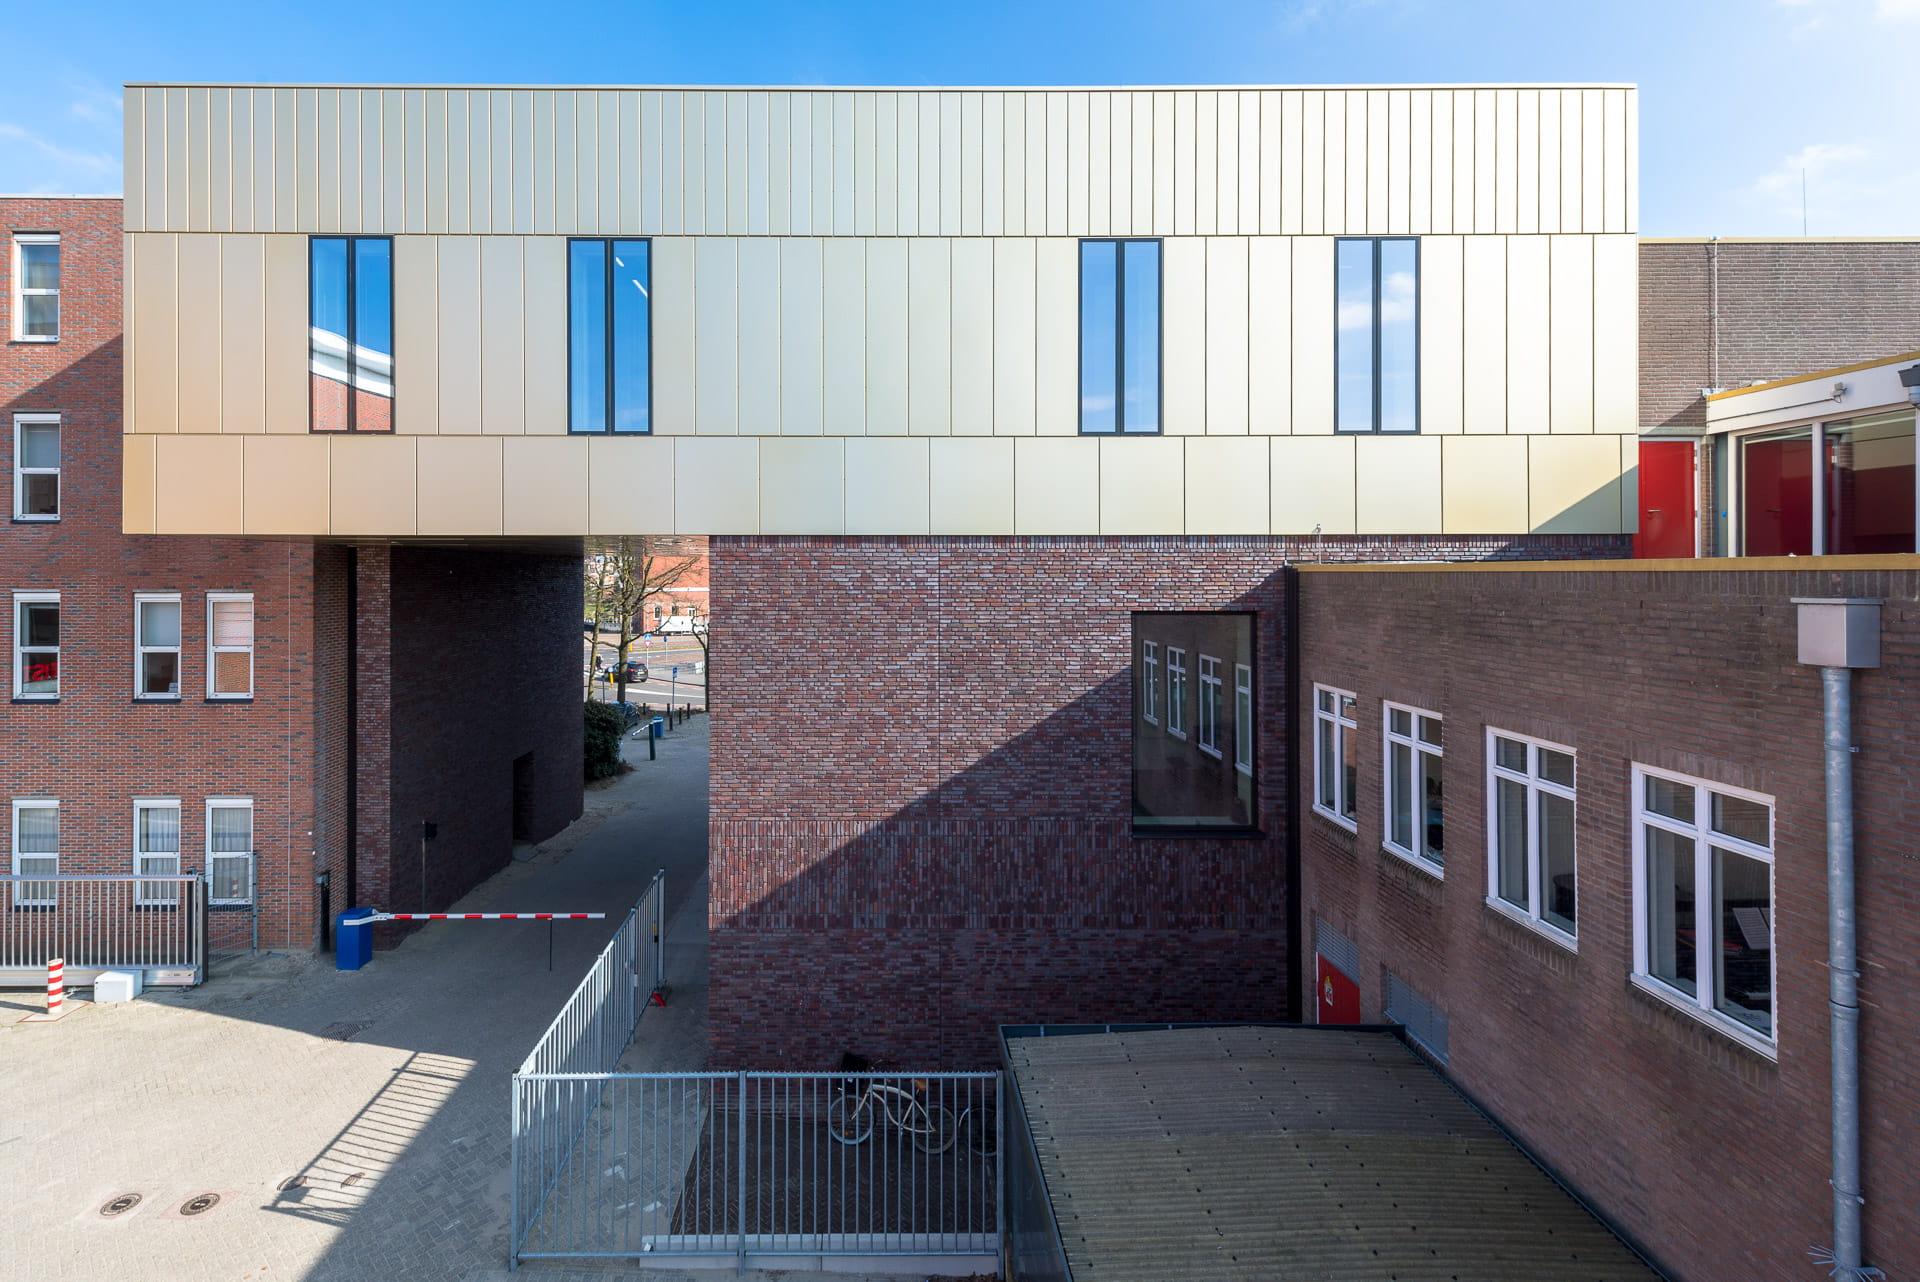 Zicht op gevel van Conservatorium Groningen met onderste laag donkere stenen en bovenste gedeelte een lichte muur.